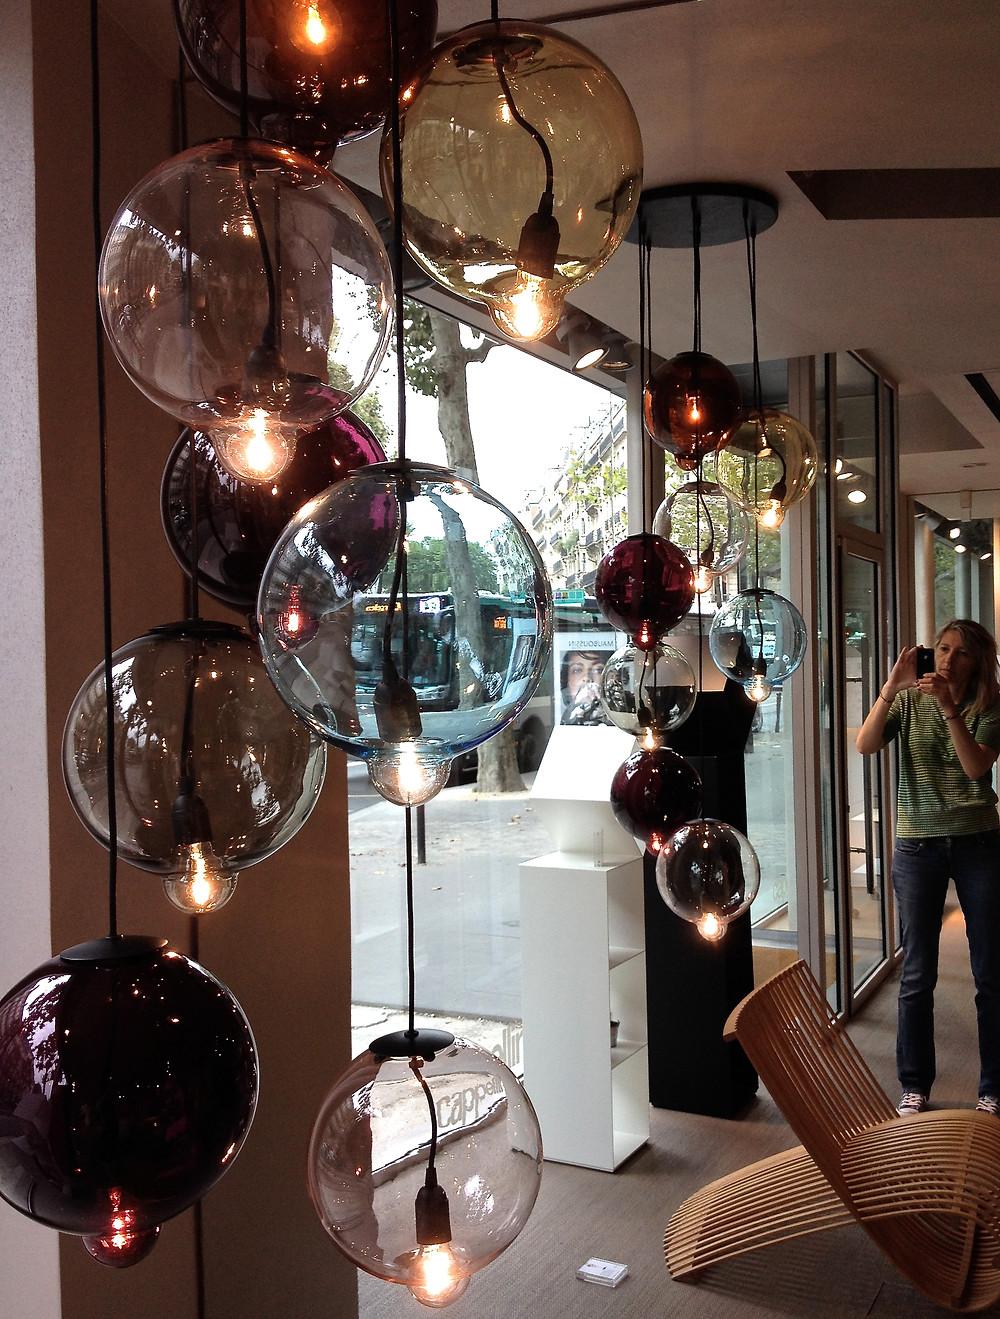 Decoration d'intérieur Decorexpat Expatries Paris